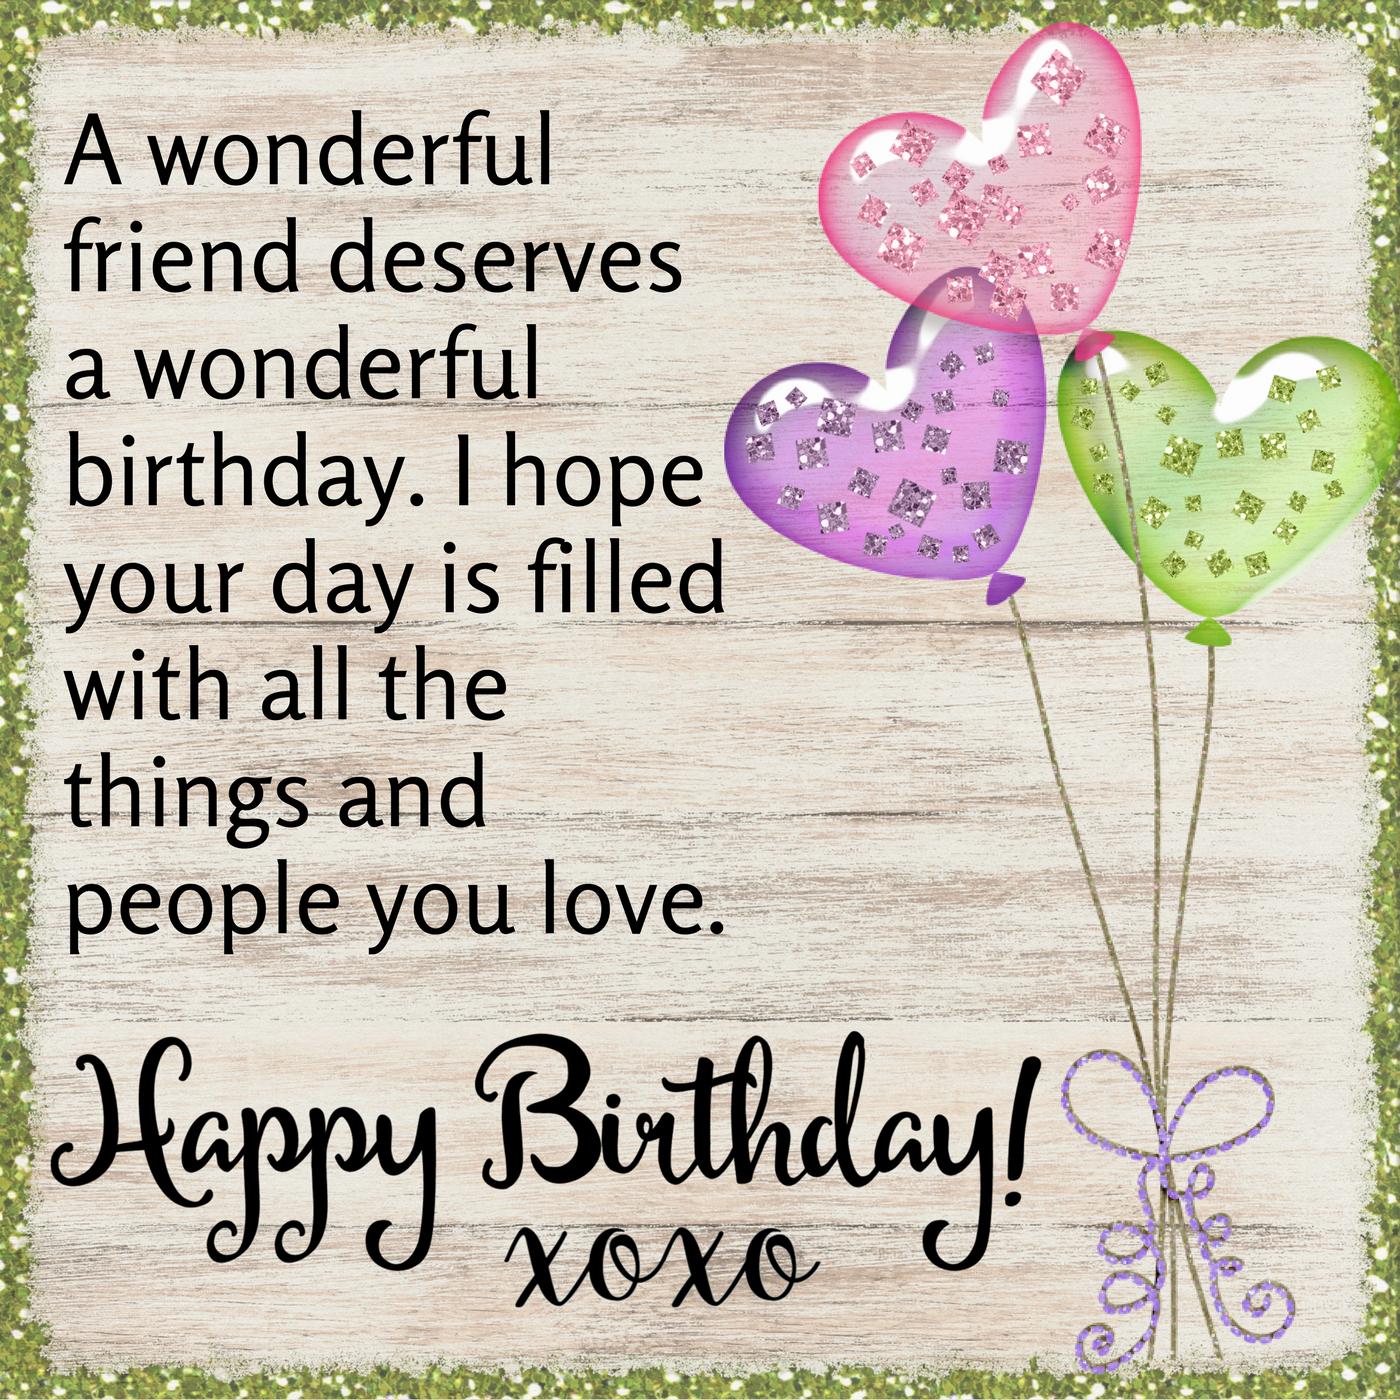 happybirthday #birthday #birthdaywishes #wonderful #friend | Birthday  celebration quotes, Happy birthday greetings friends, Happy birthday best  friend